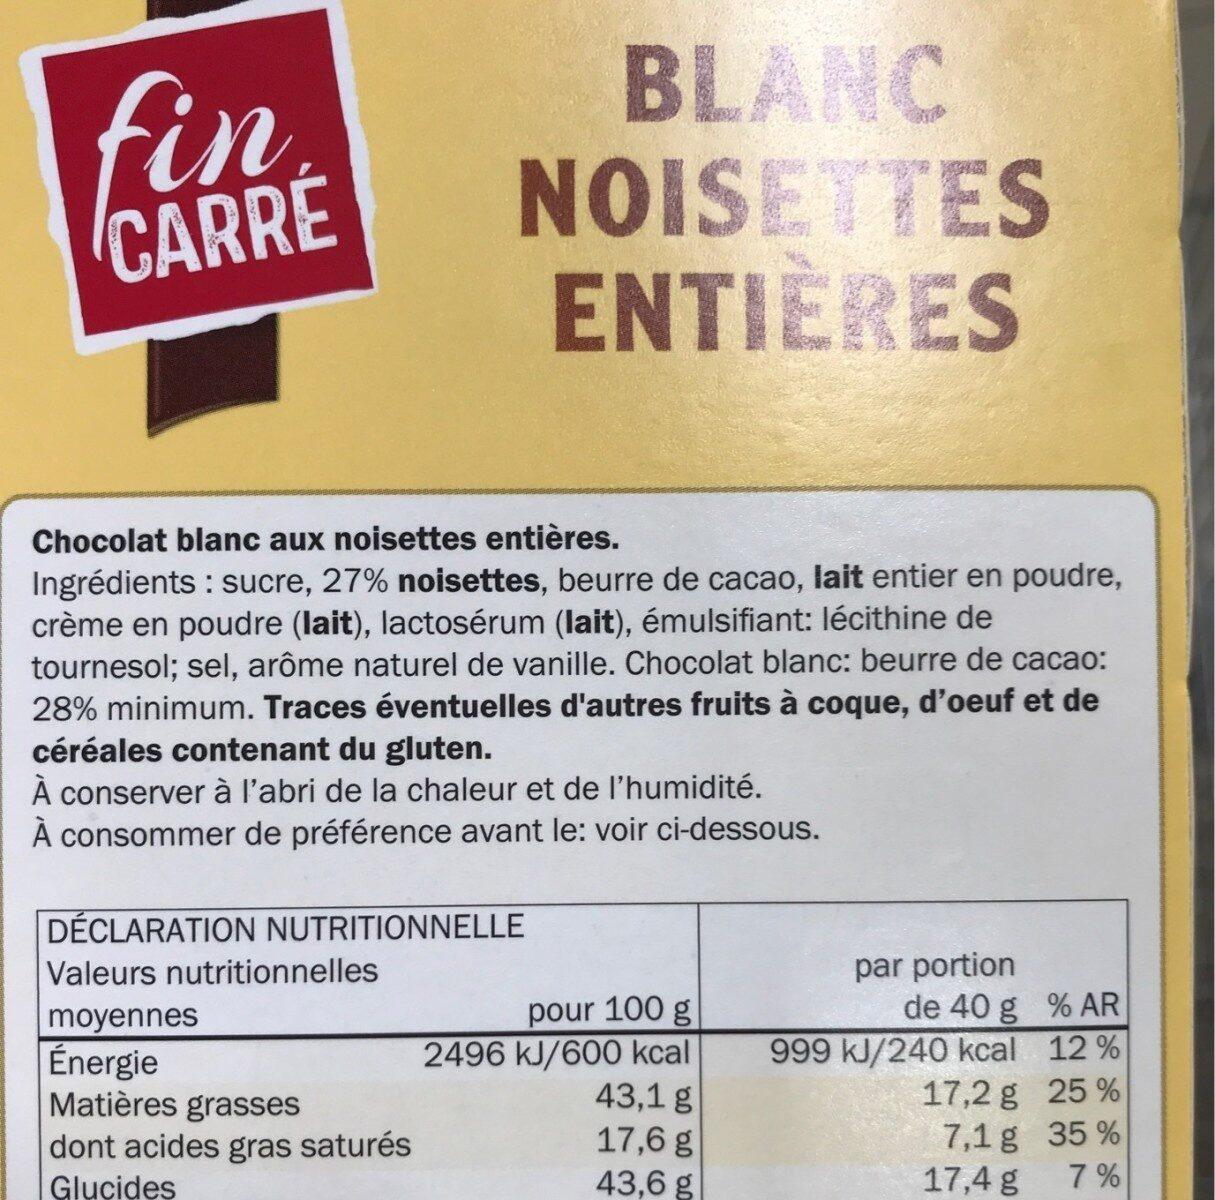 Blanc noisette entières - Informations nutritionnelles - fr